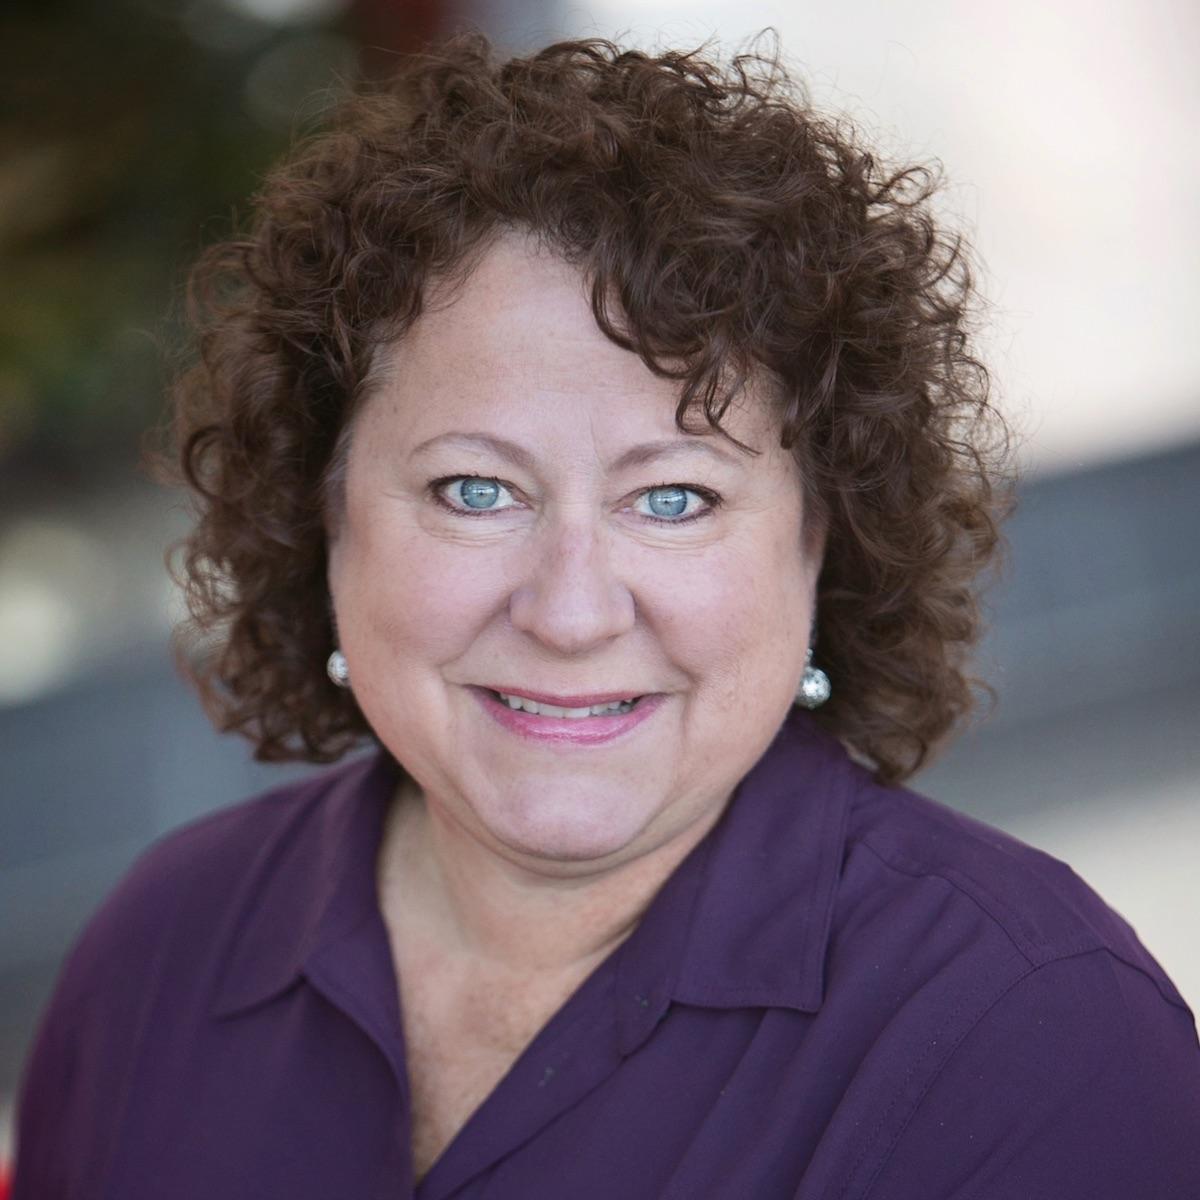 Lisa Horstmann